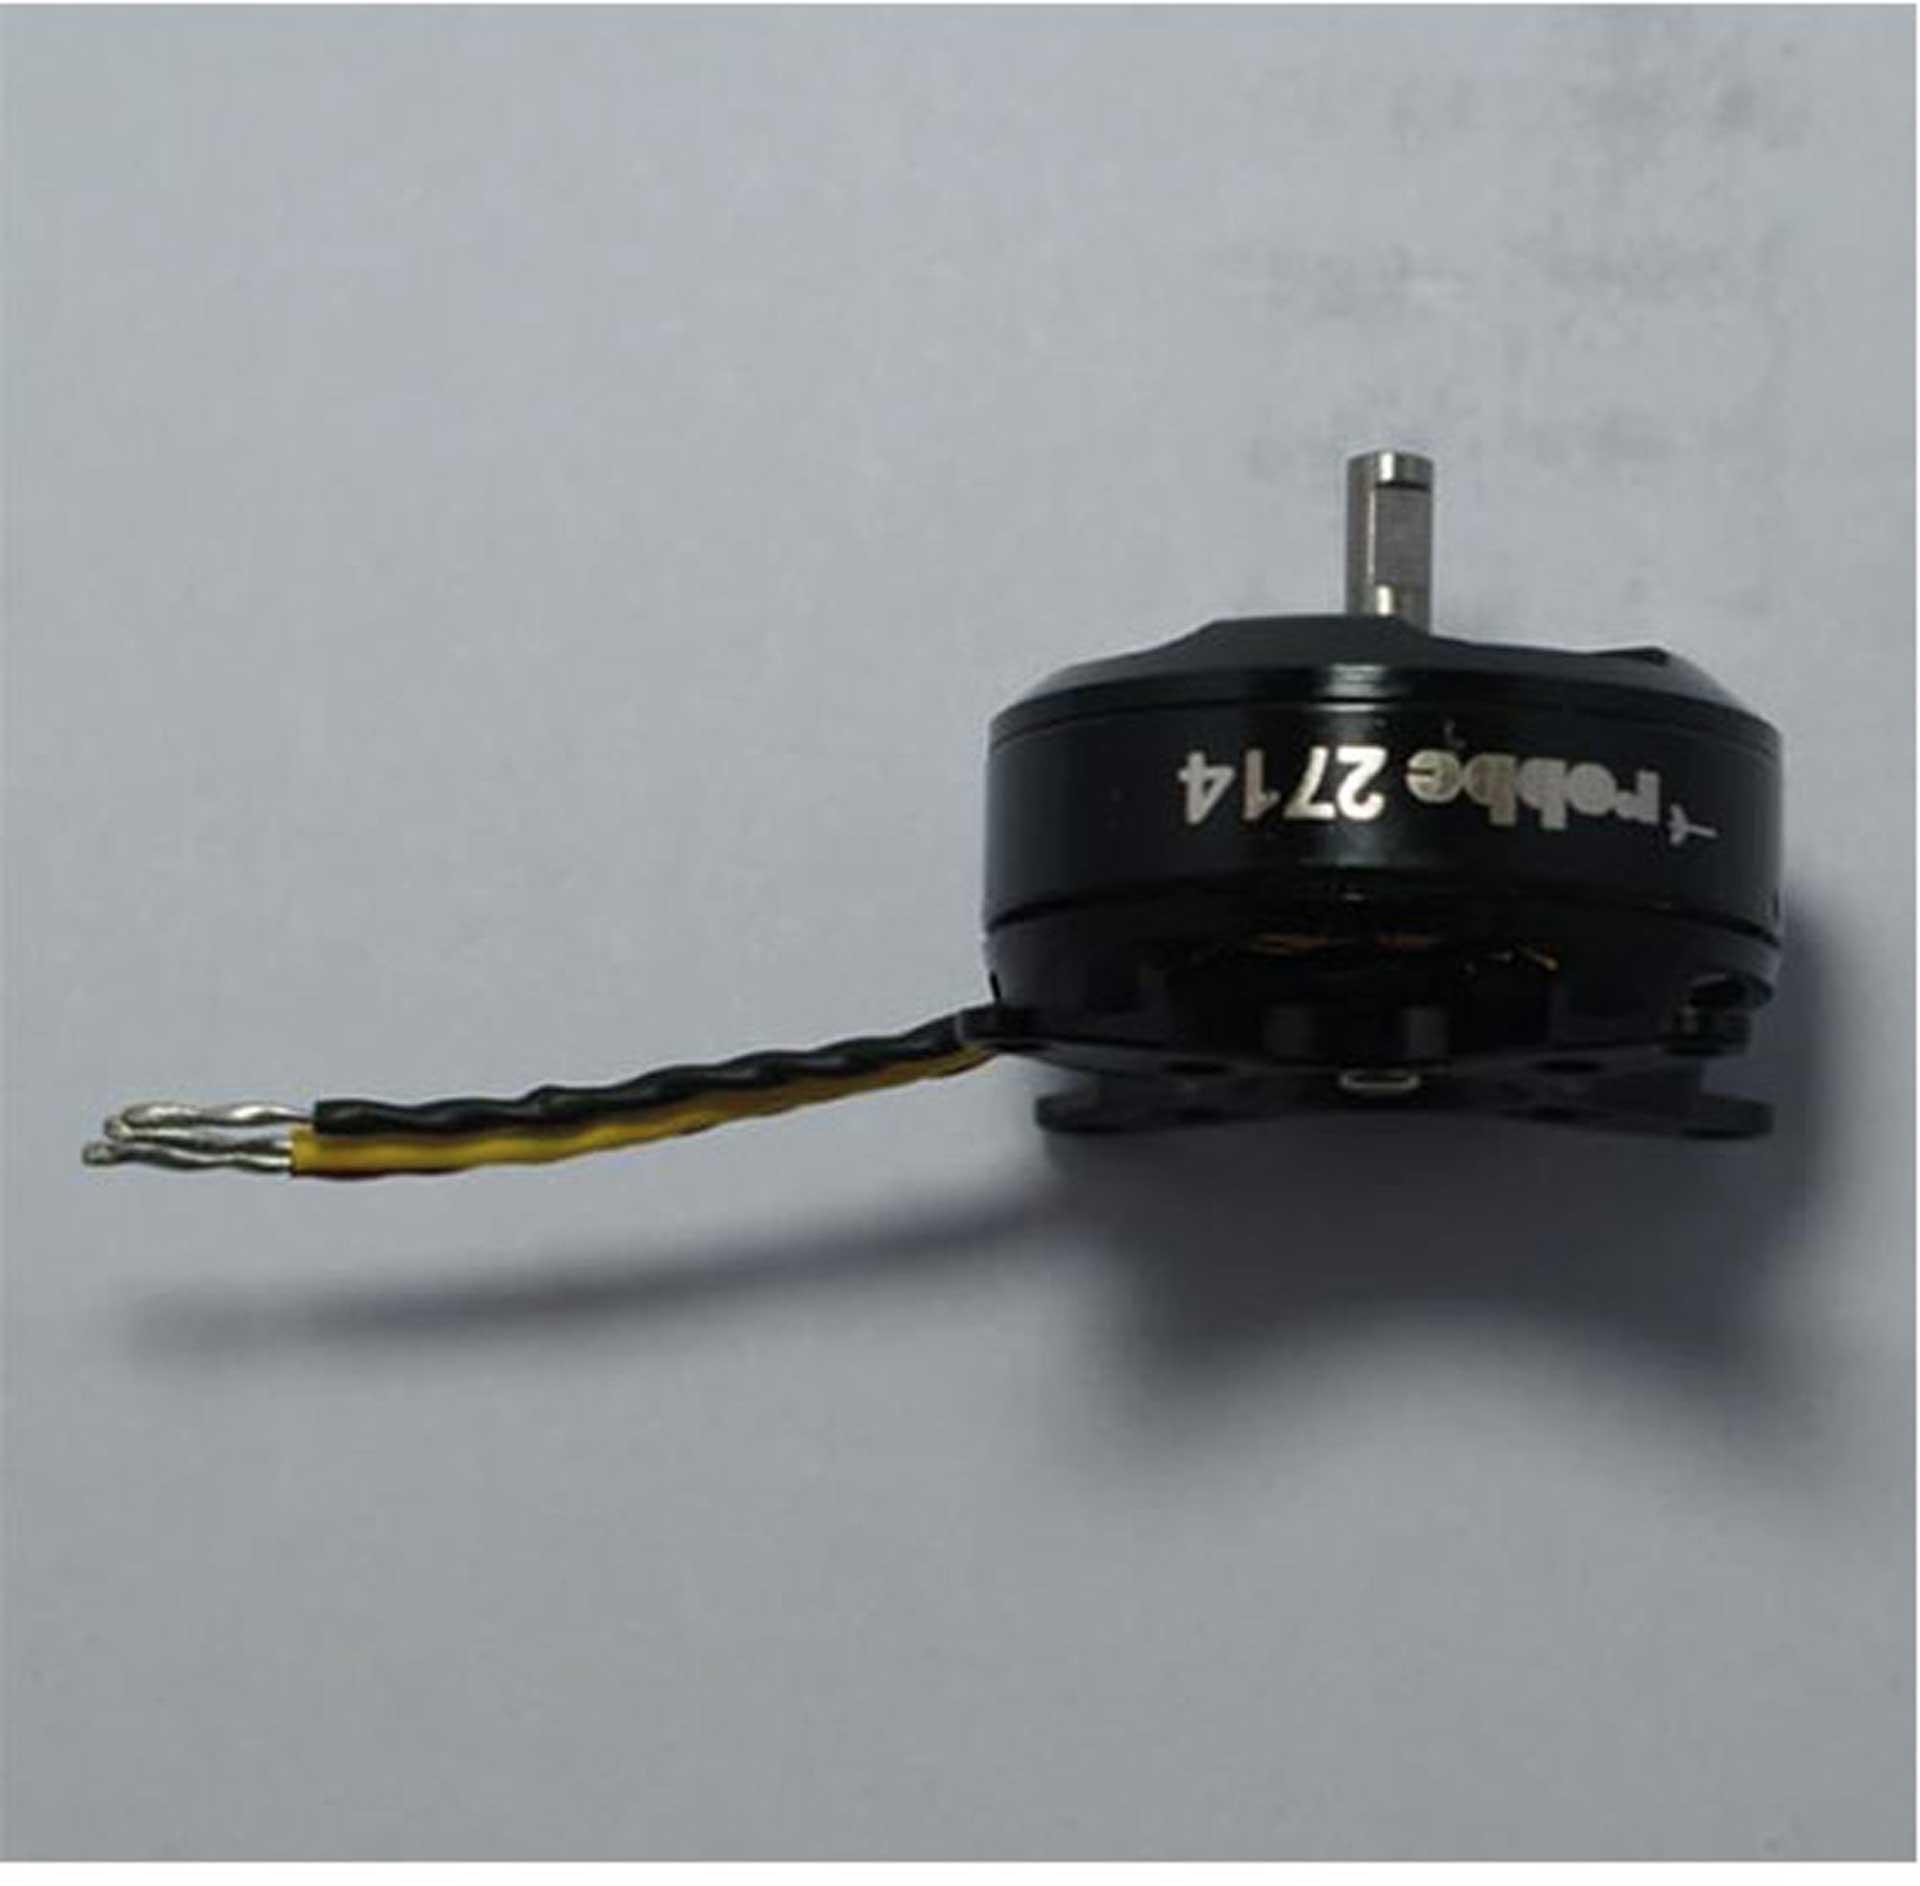 ROBBE RO-POWER TORQUE 2714 1730 K/V BRUSHLESS